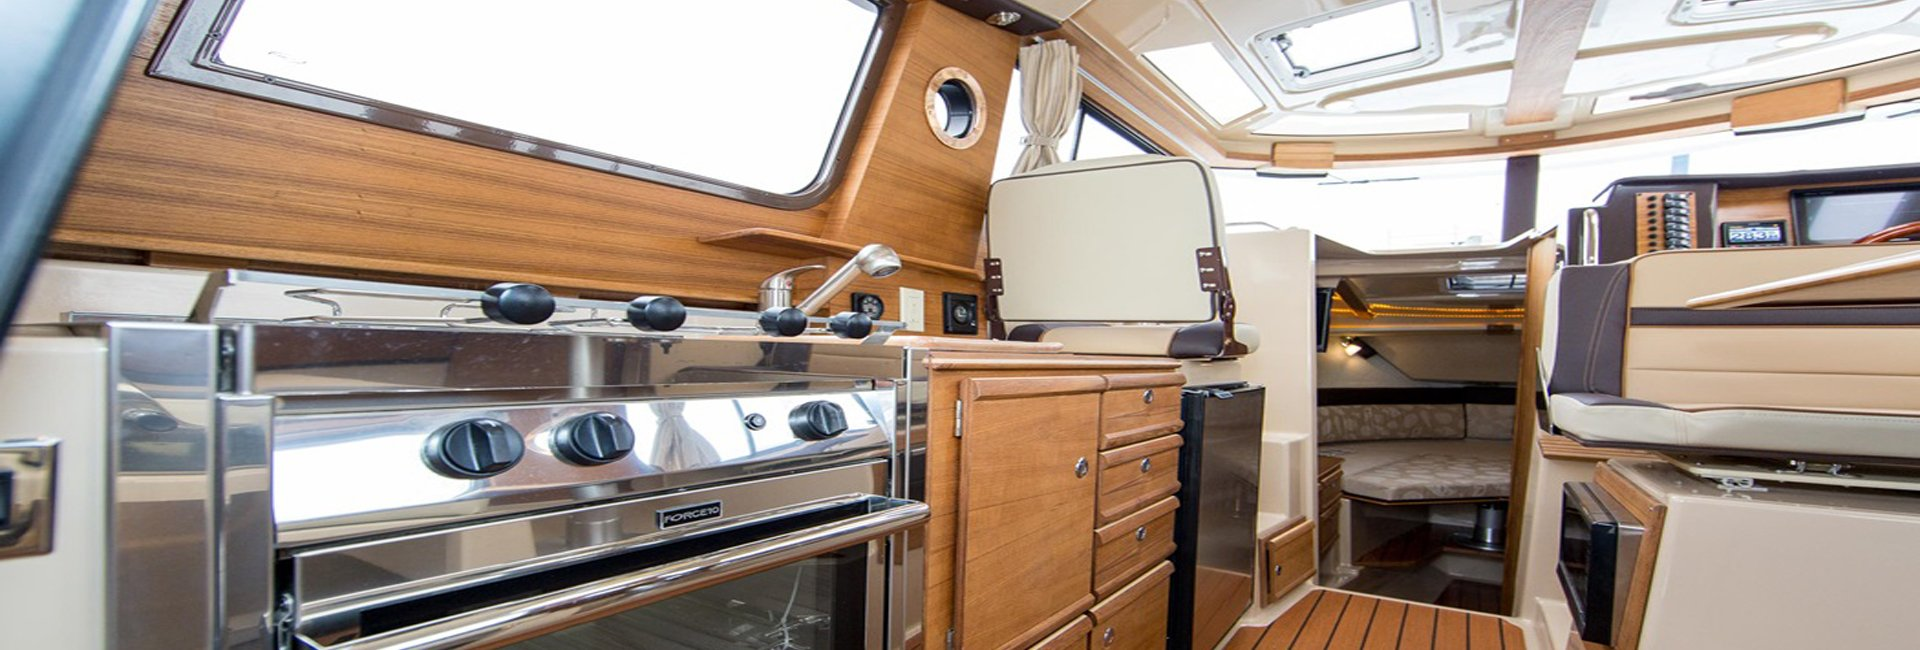 Luxury Sunset Sailing Cruise